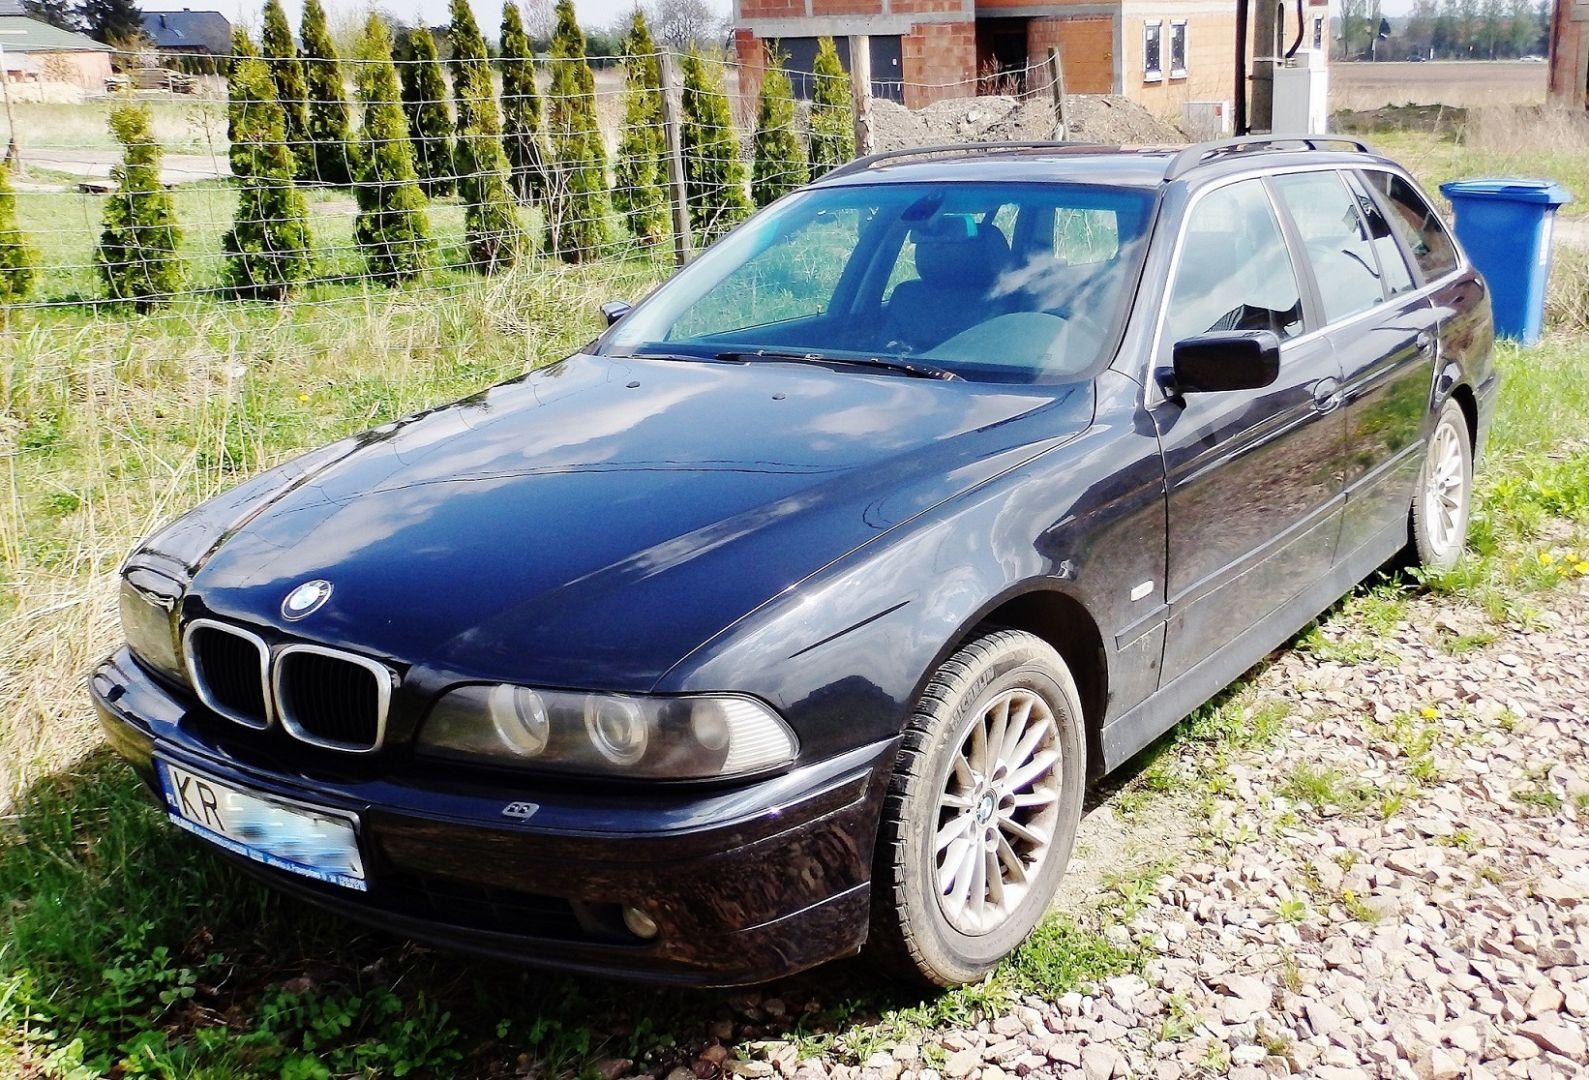 Modernistyczne Sprzedam 2002 BMW Seria 5, 3.0 diesel. Samochód osobowy,kombi YC07